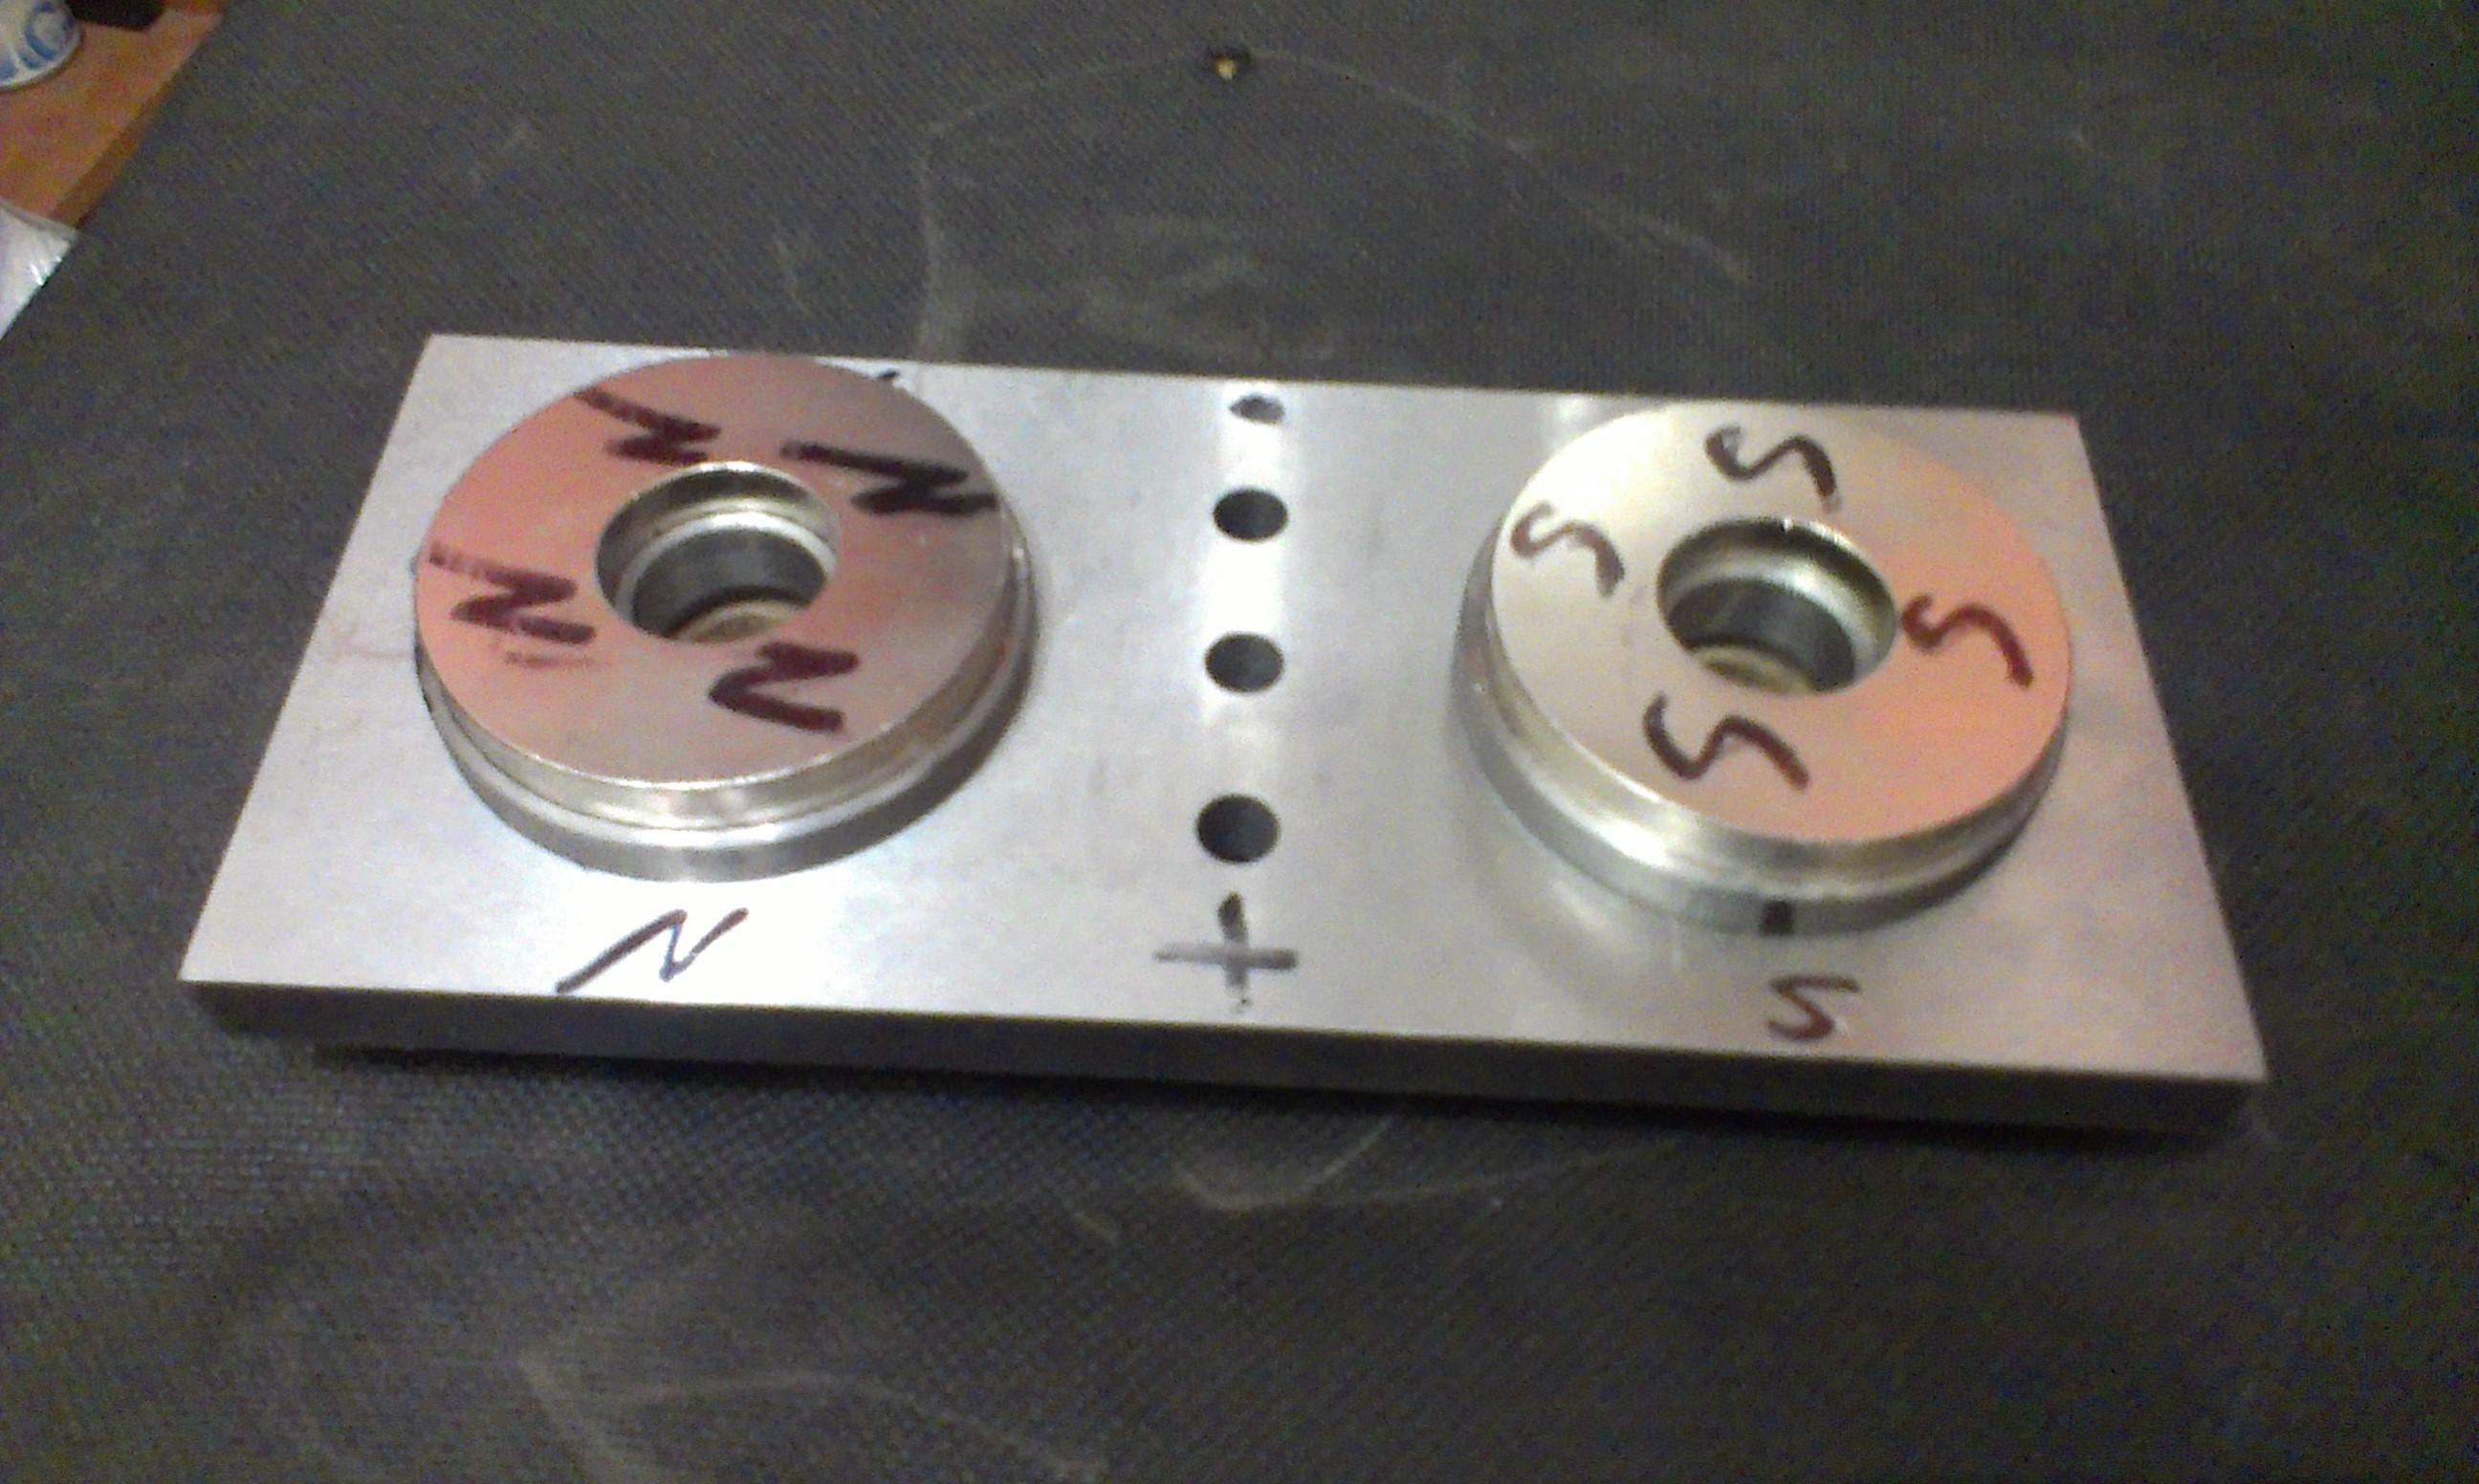 Модель динамо электрической машины Н. Тесла. Униполярный генератор Тесла.